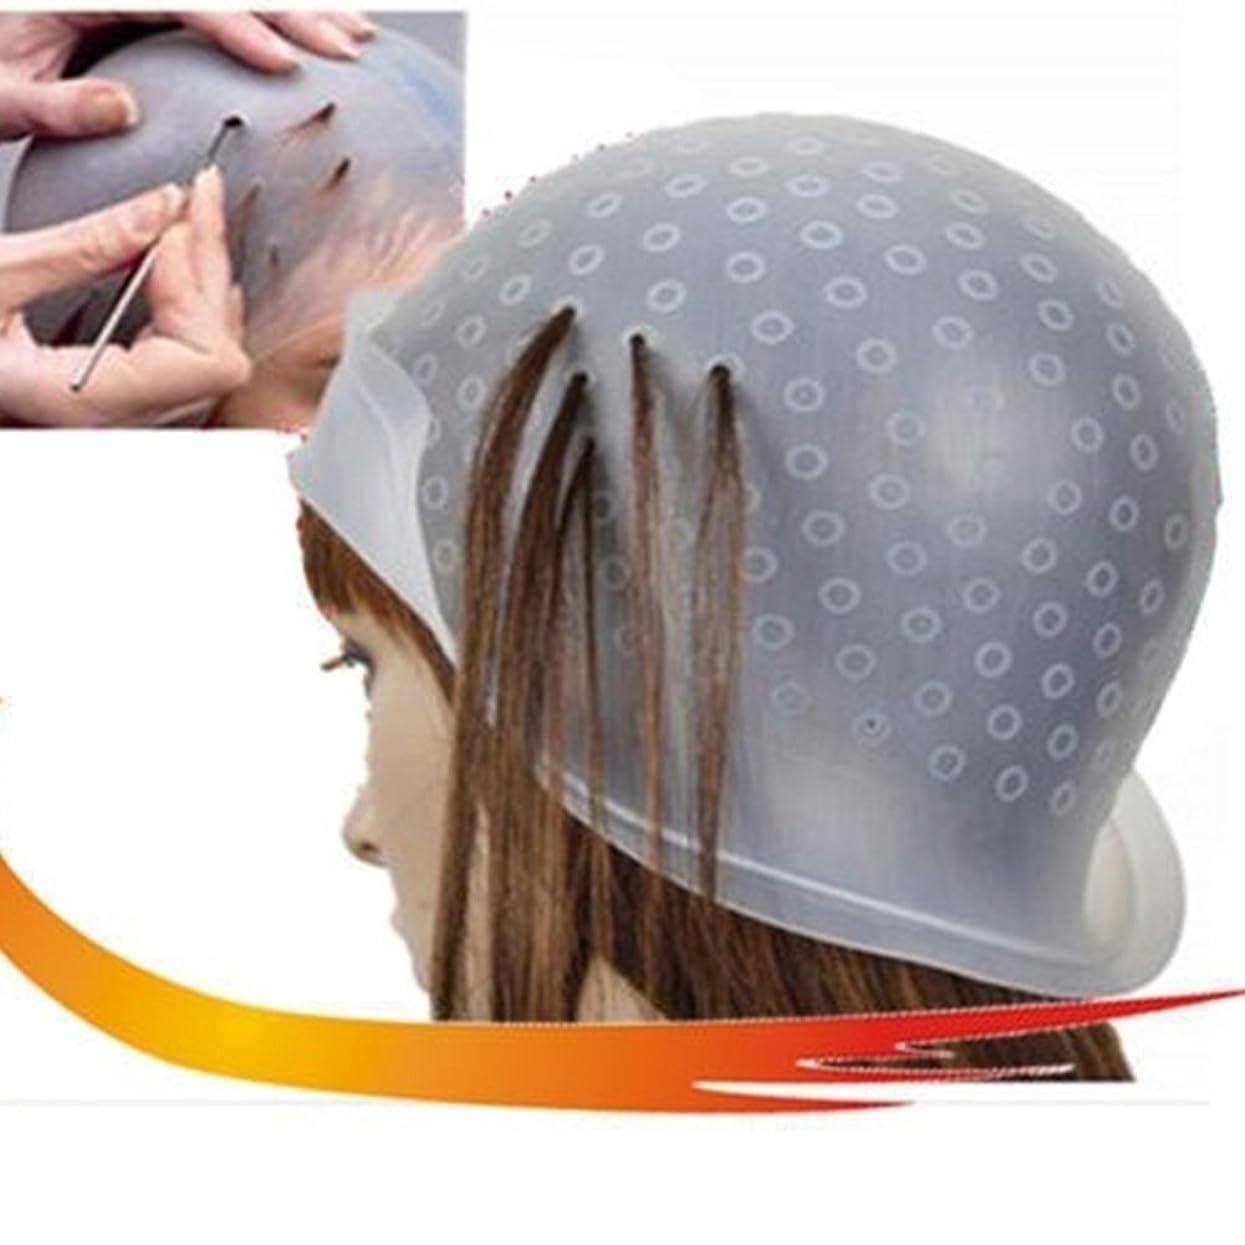 トンネルジーンズ新着染料フロスティングキャップ、再利用可能なシリコーンヘアカラーリングキャップ、髪を強調するキャップサロンヘアカラーリング染料キャップヘアスタイリングツール髪を染めるための針(トランスペアレント)